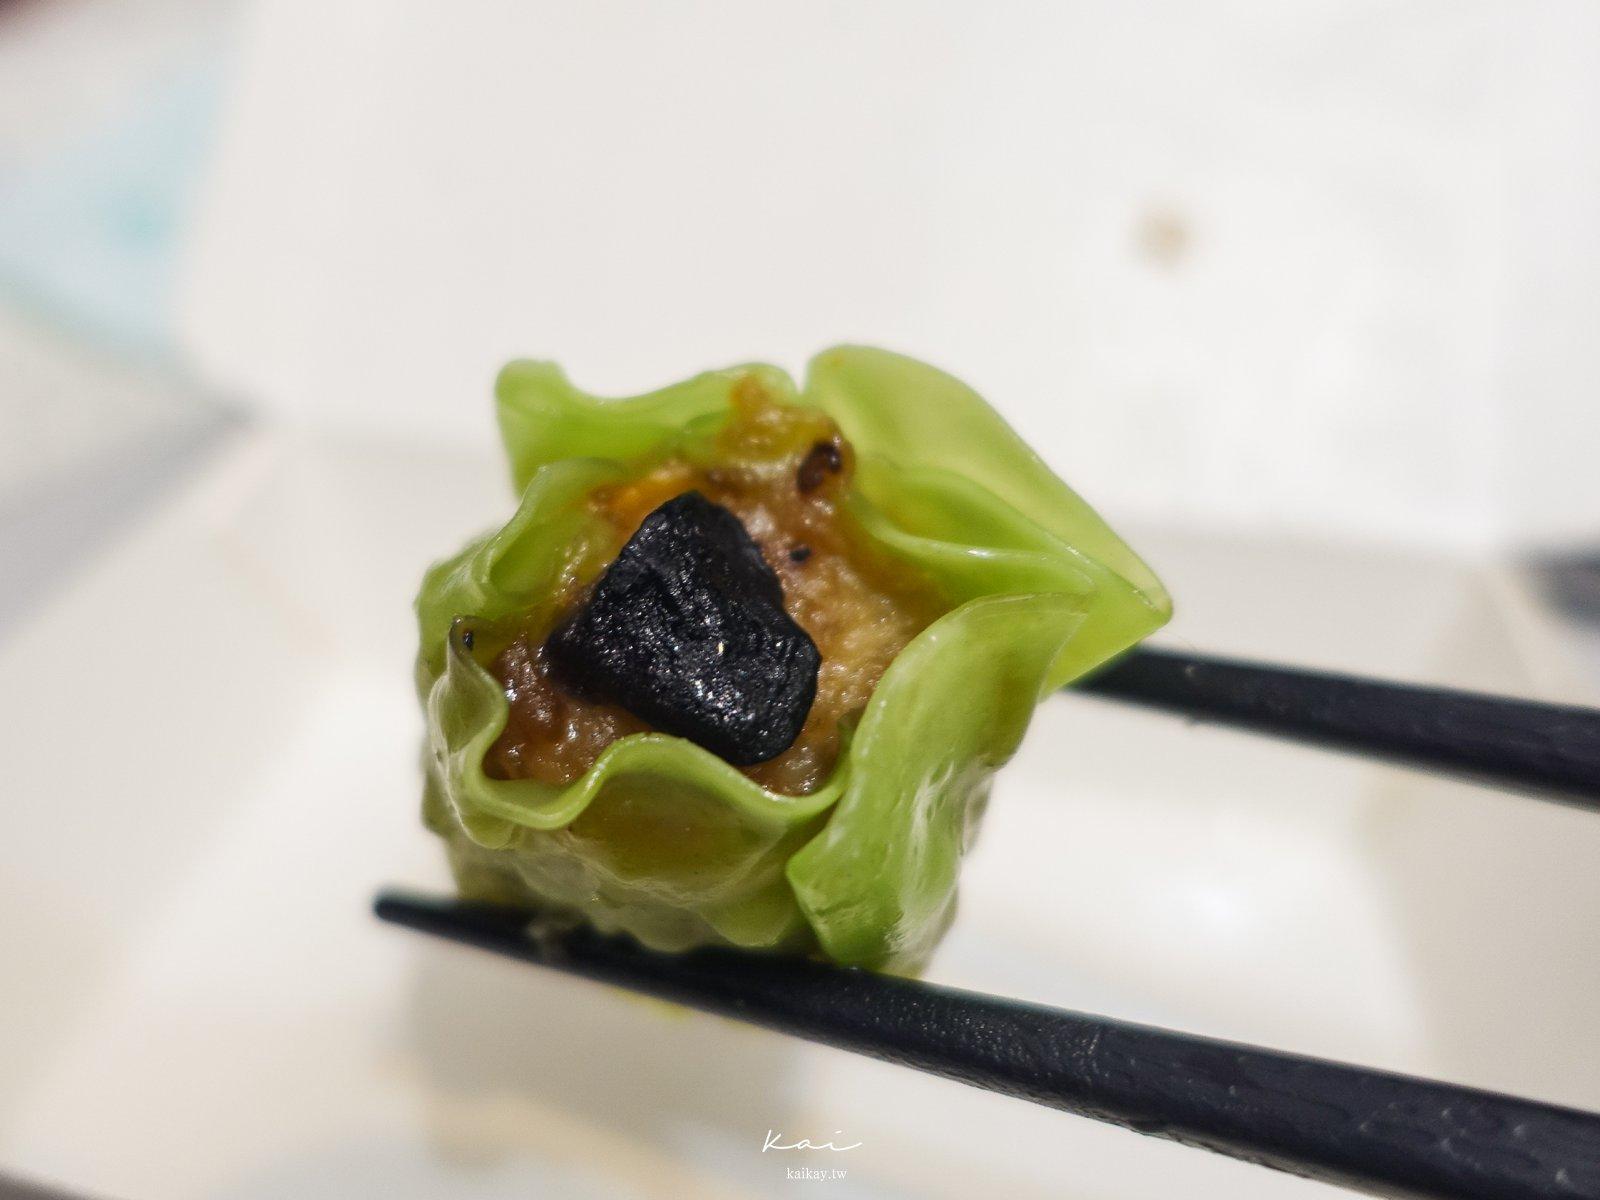 ☆【基隆美食】新記手工煎餃。可愛的圓圓爆漿煎餃和10種以上的繽紛燒賣